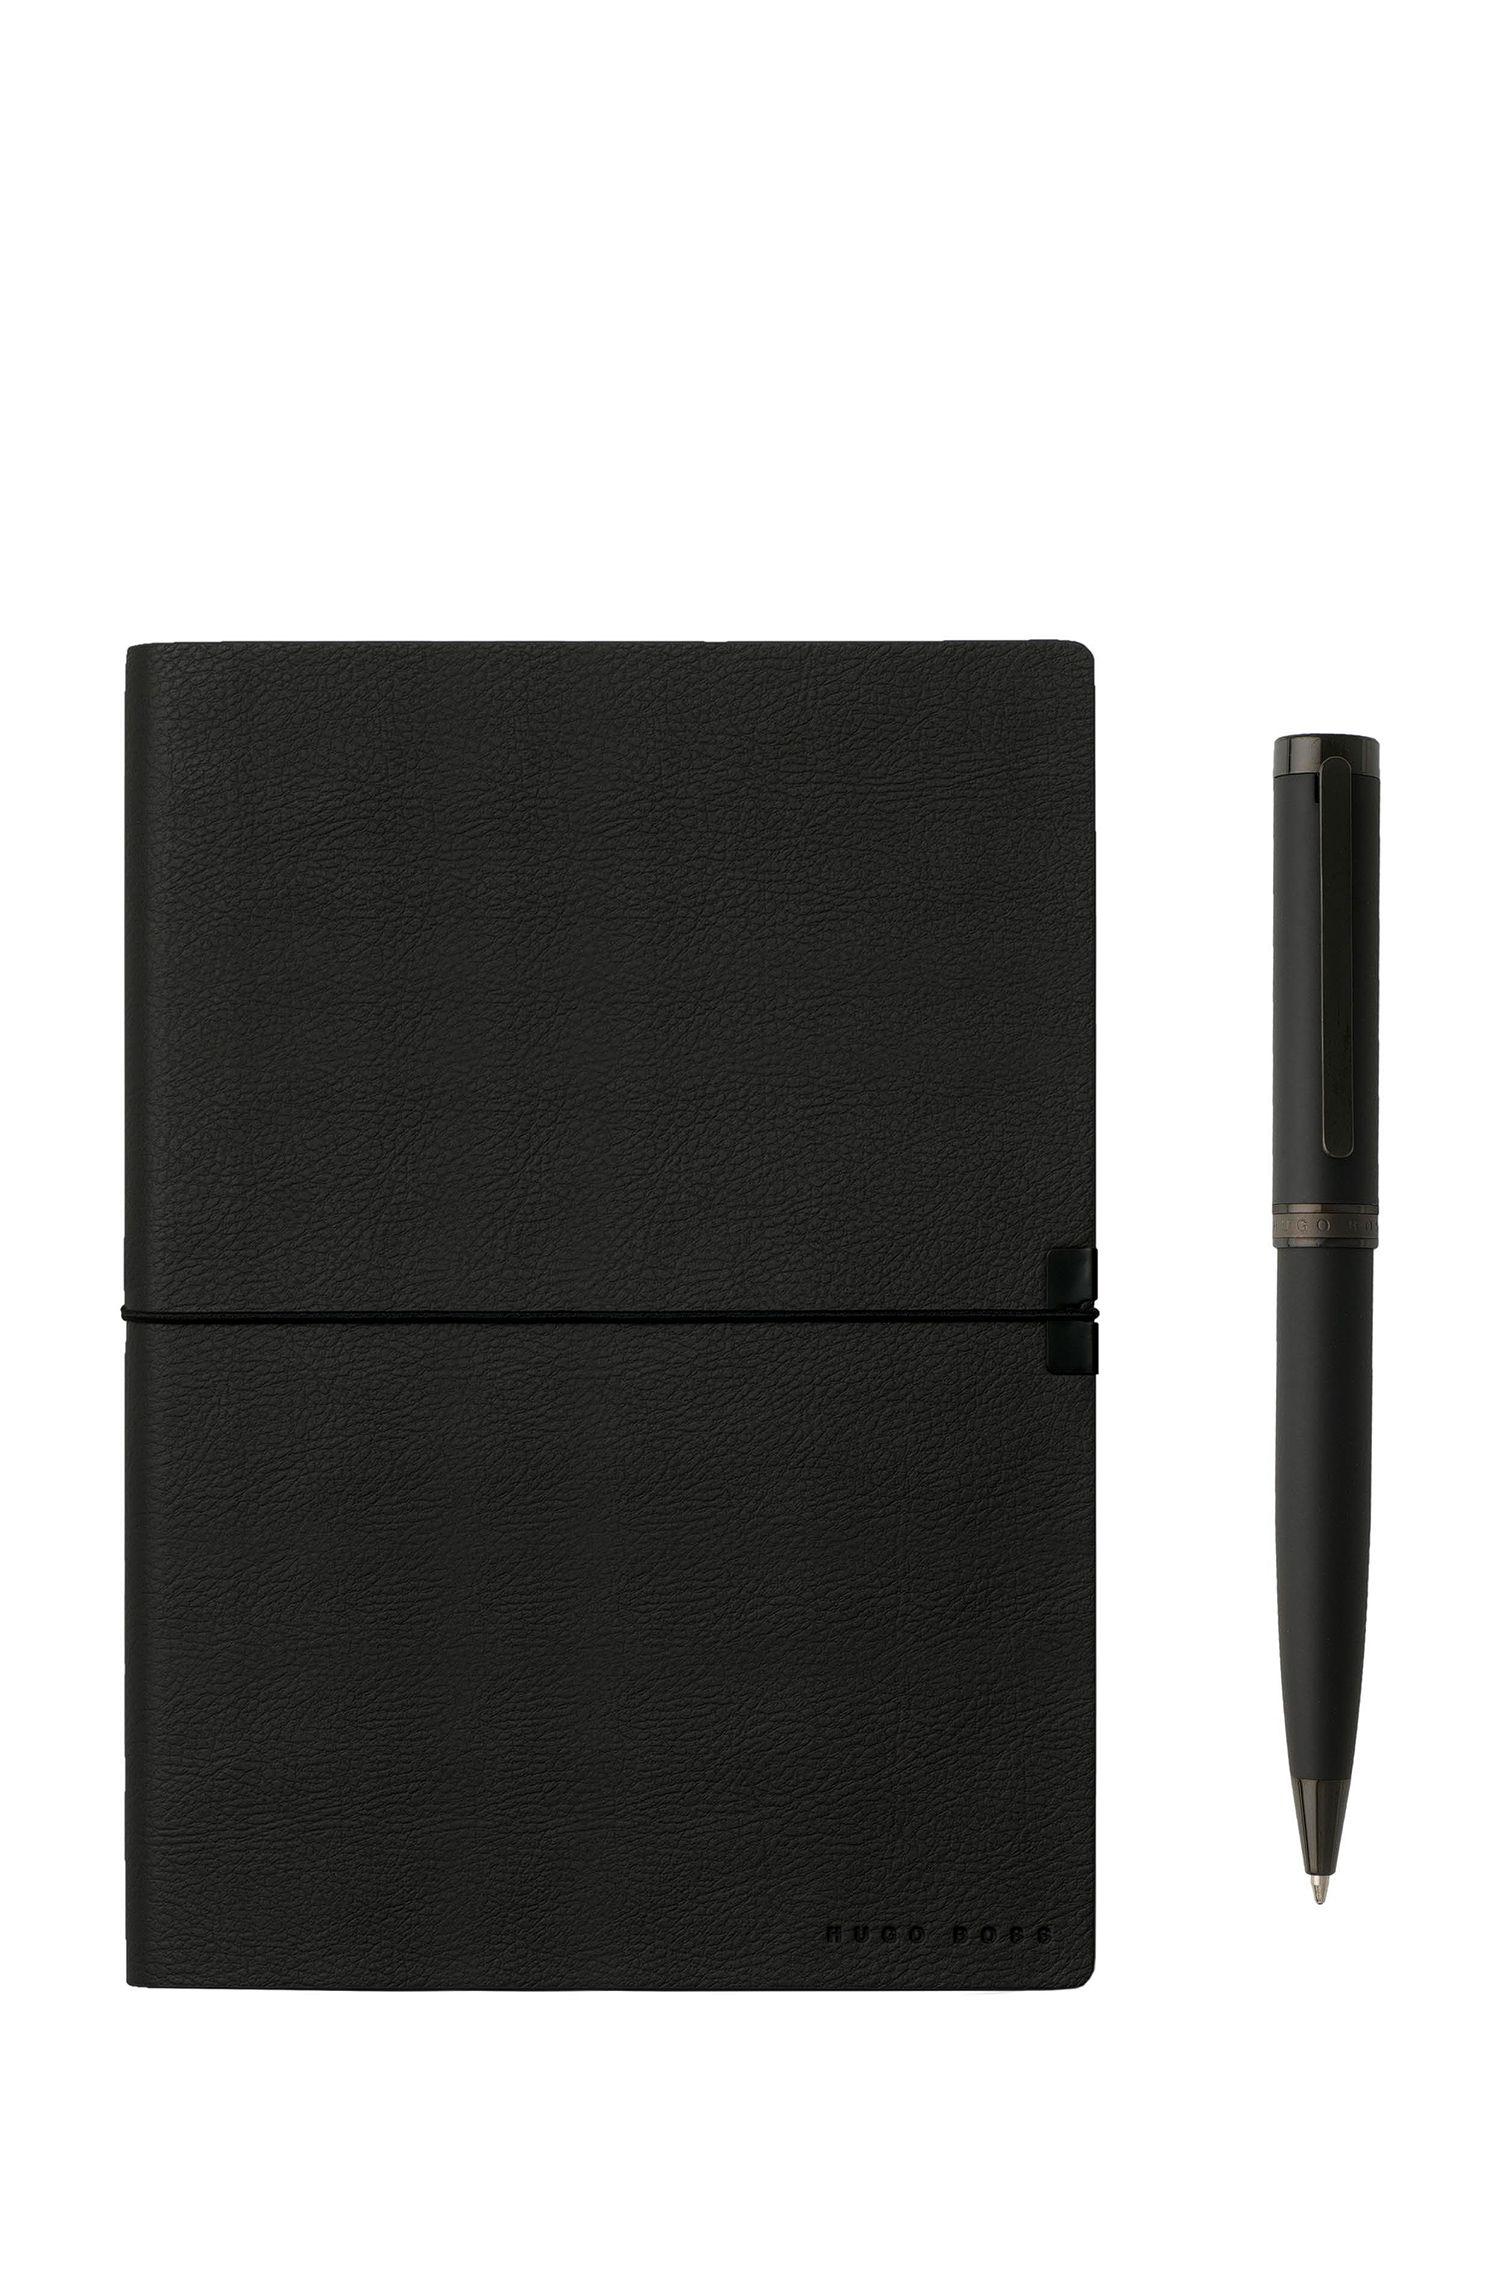 Geschenk-Set mit DIN-A5-Notizbuch und Kugelschreiber